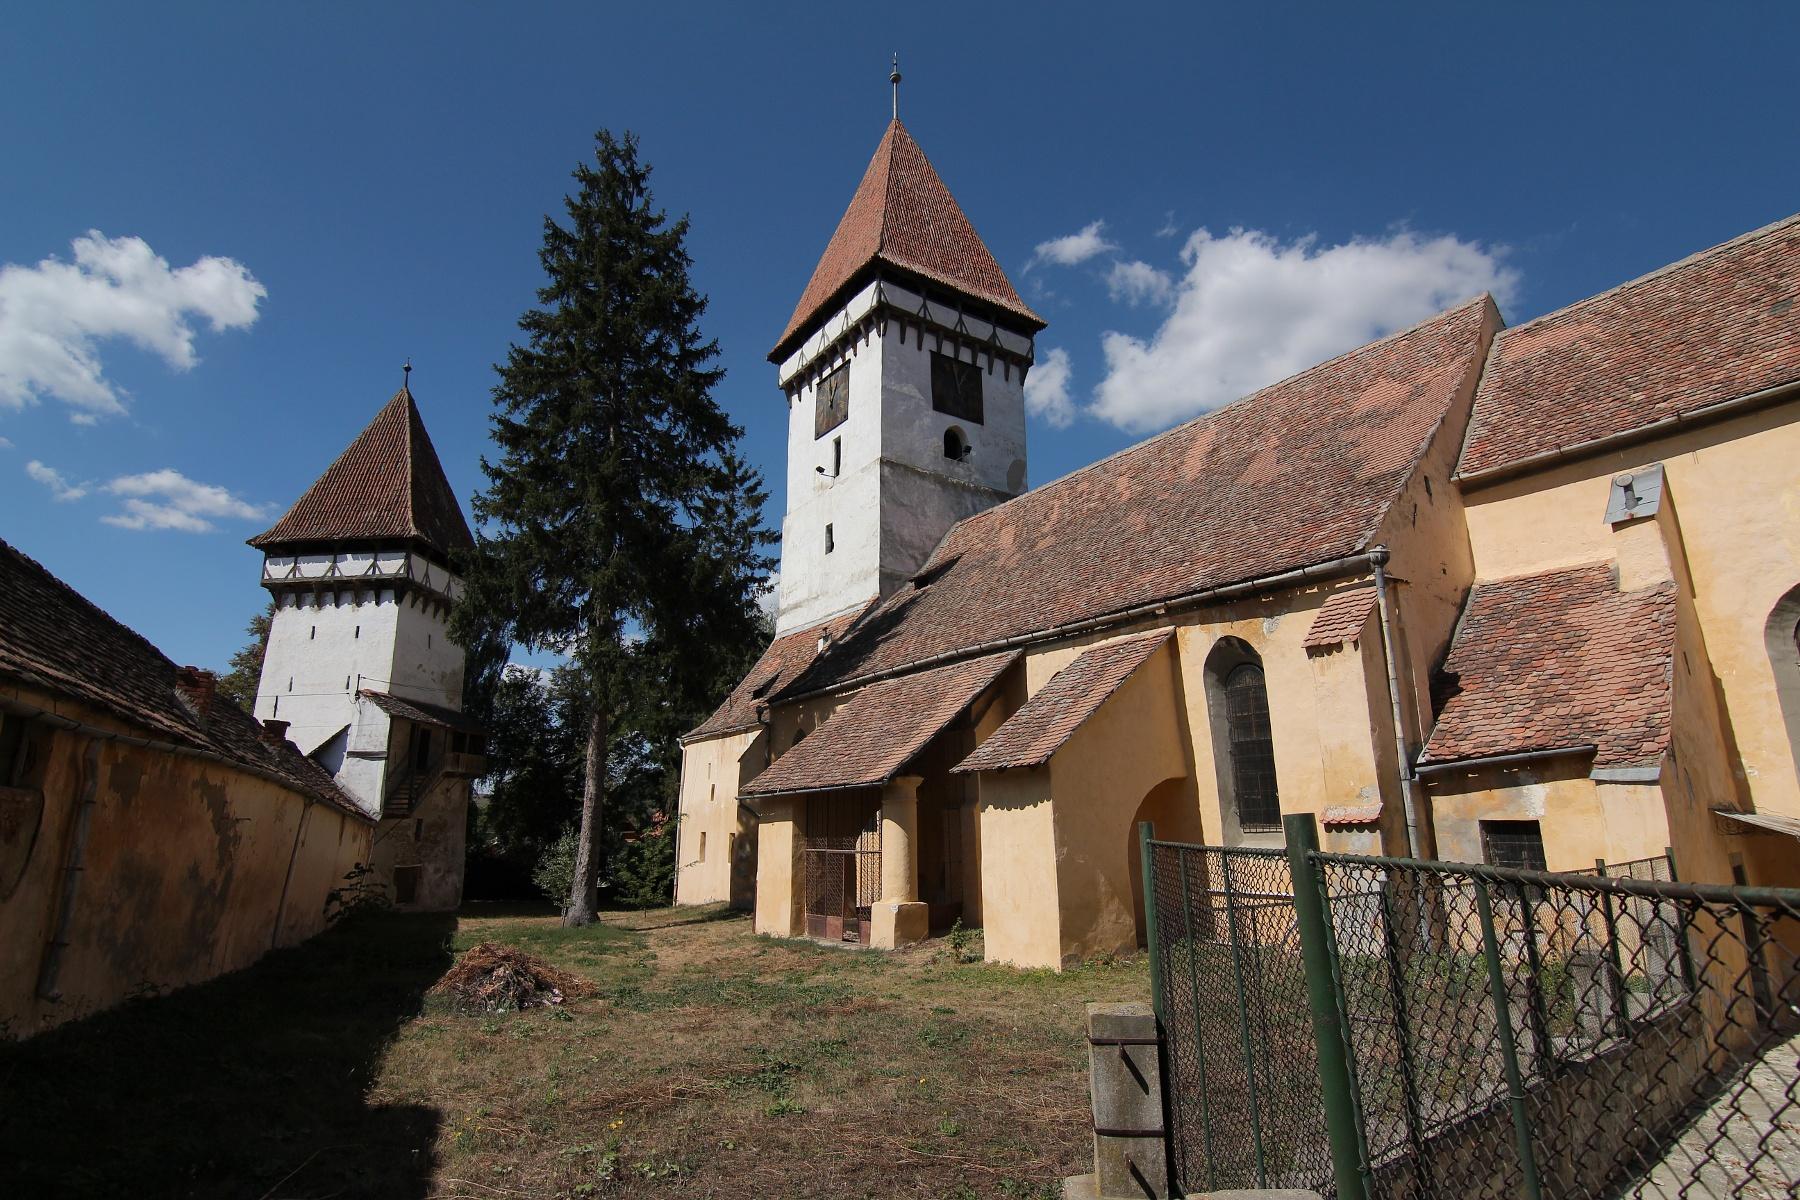 Matrimoniale Agnita, Sibiu - Întâlnește persoane compatibile